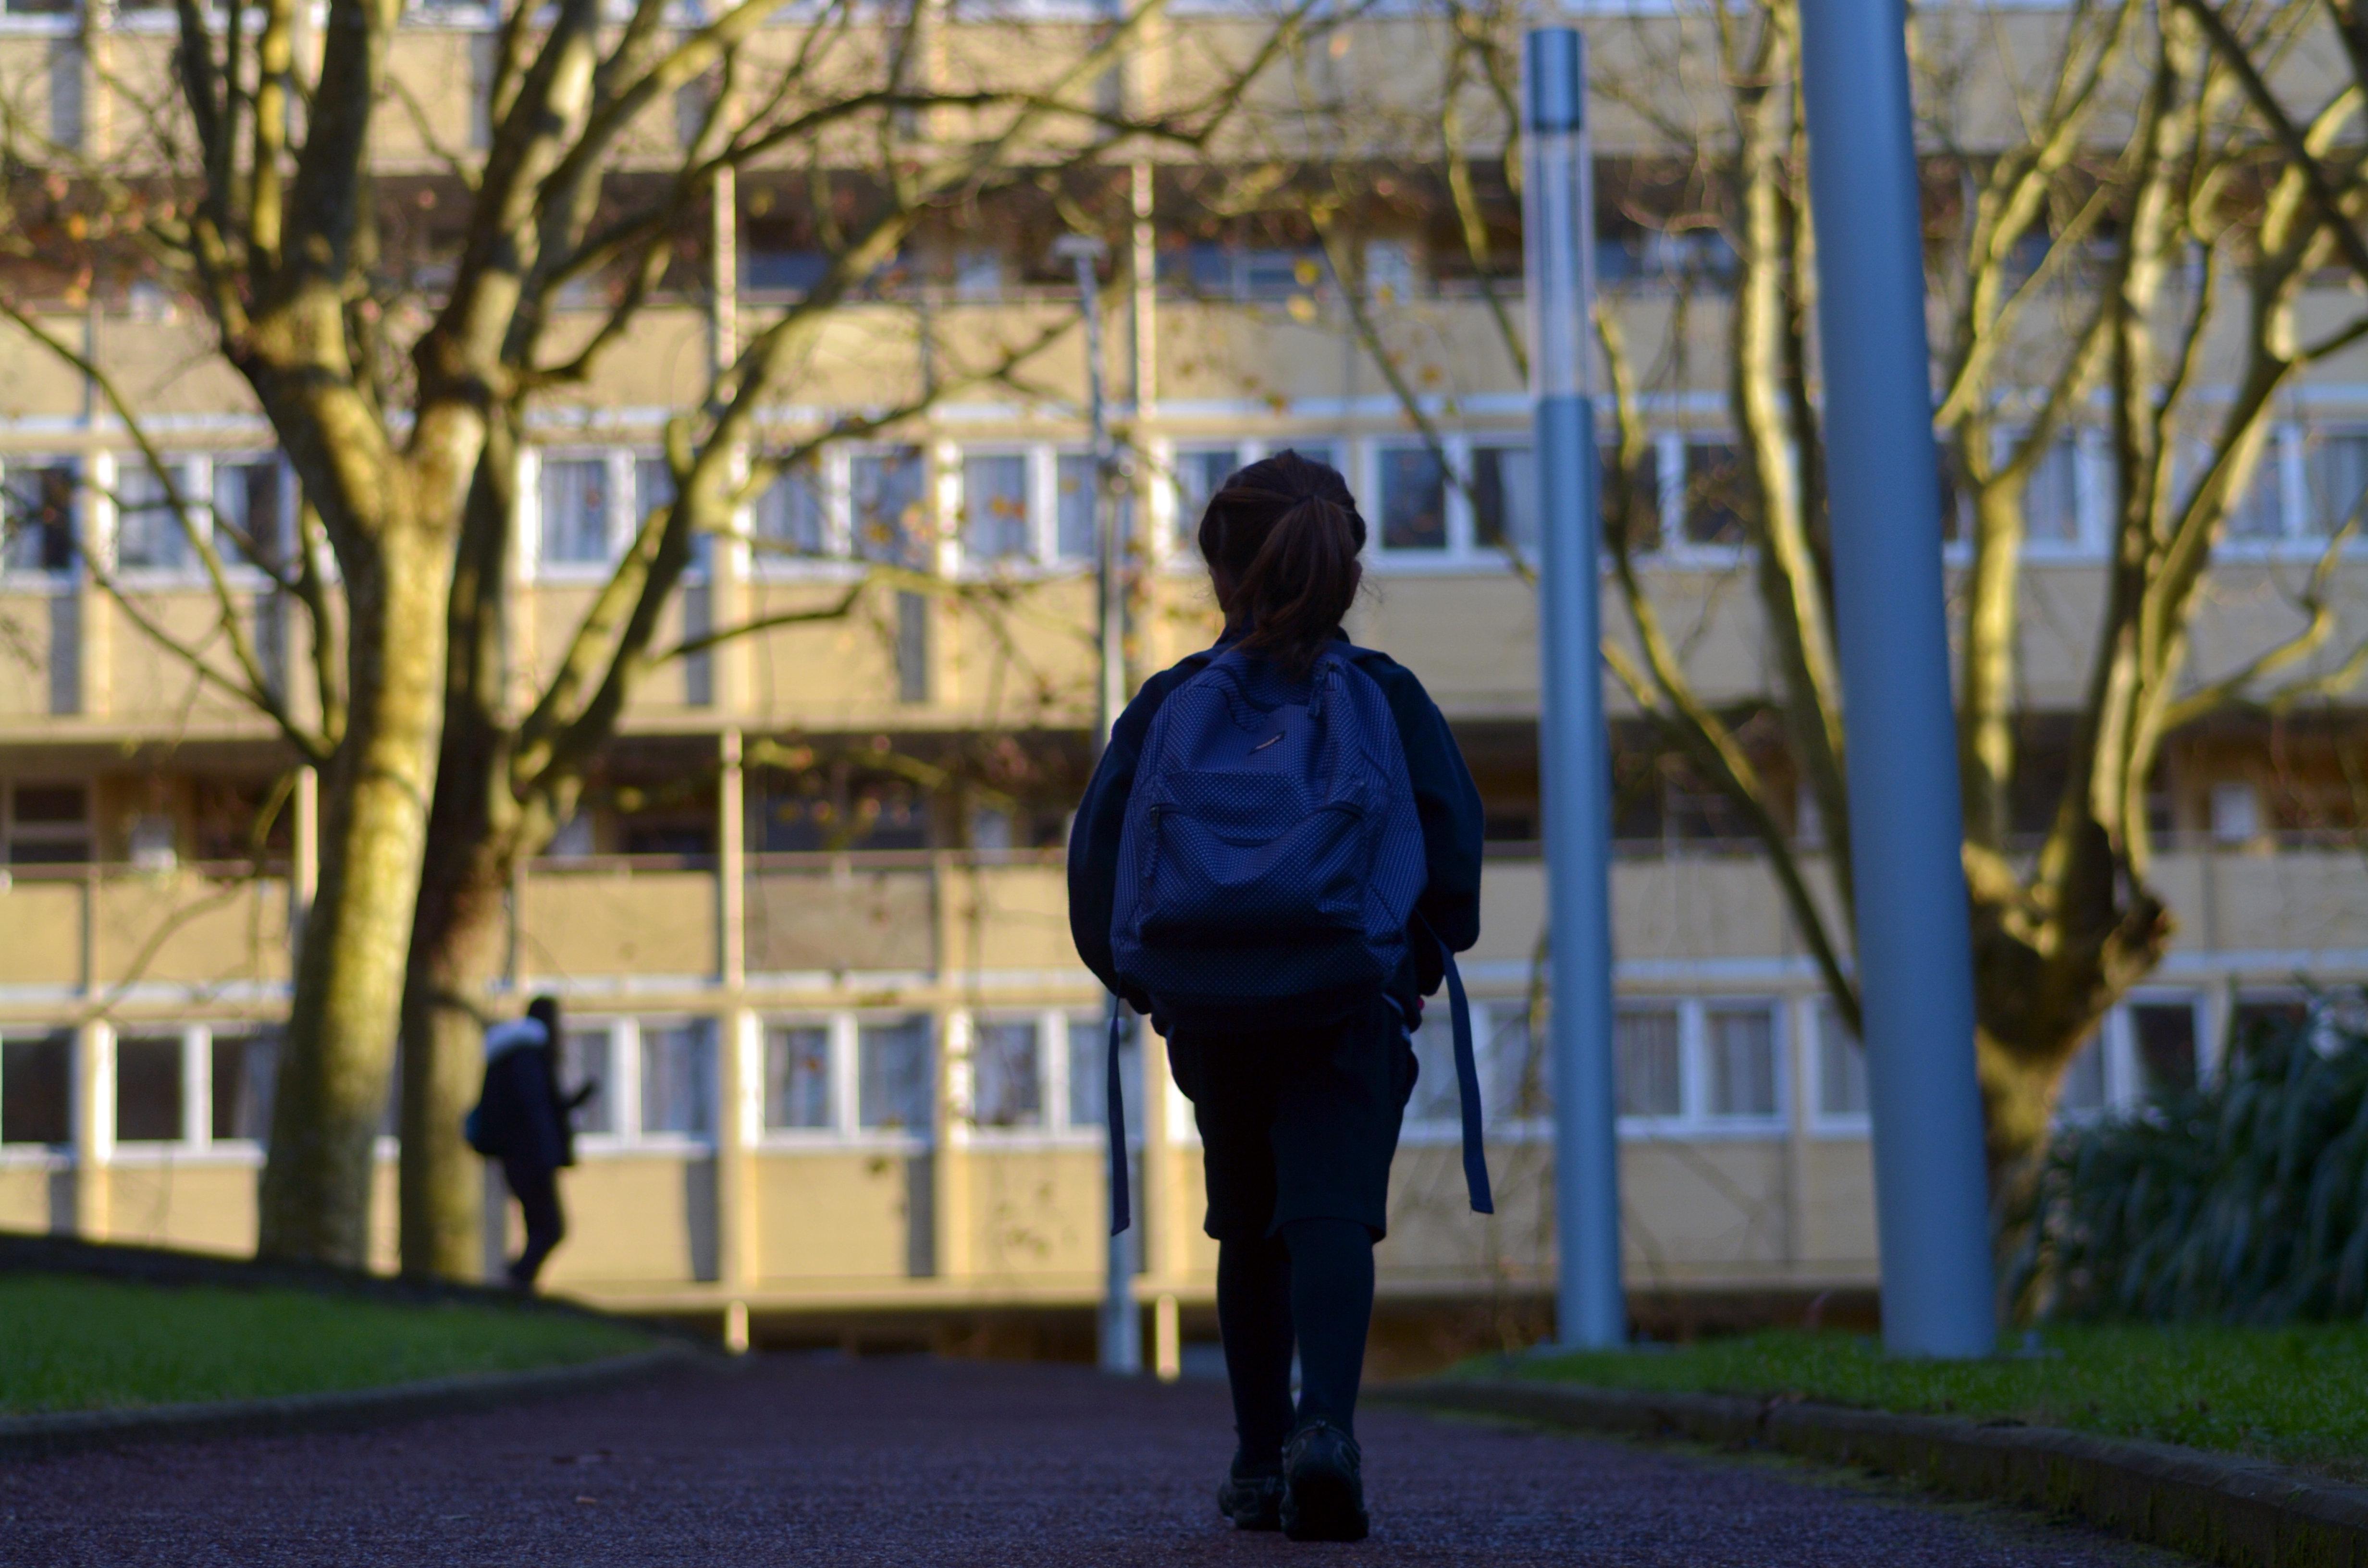 Grundschüler bedrohte Mitschülerin mit Tod, weil sie nicht an Allah glaubt